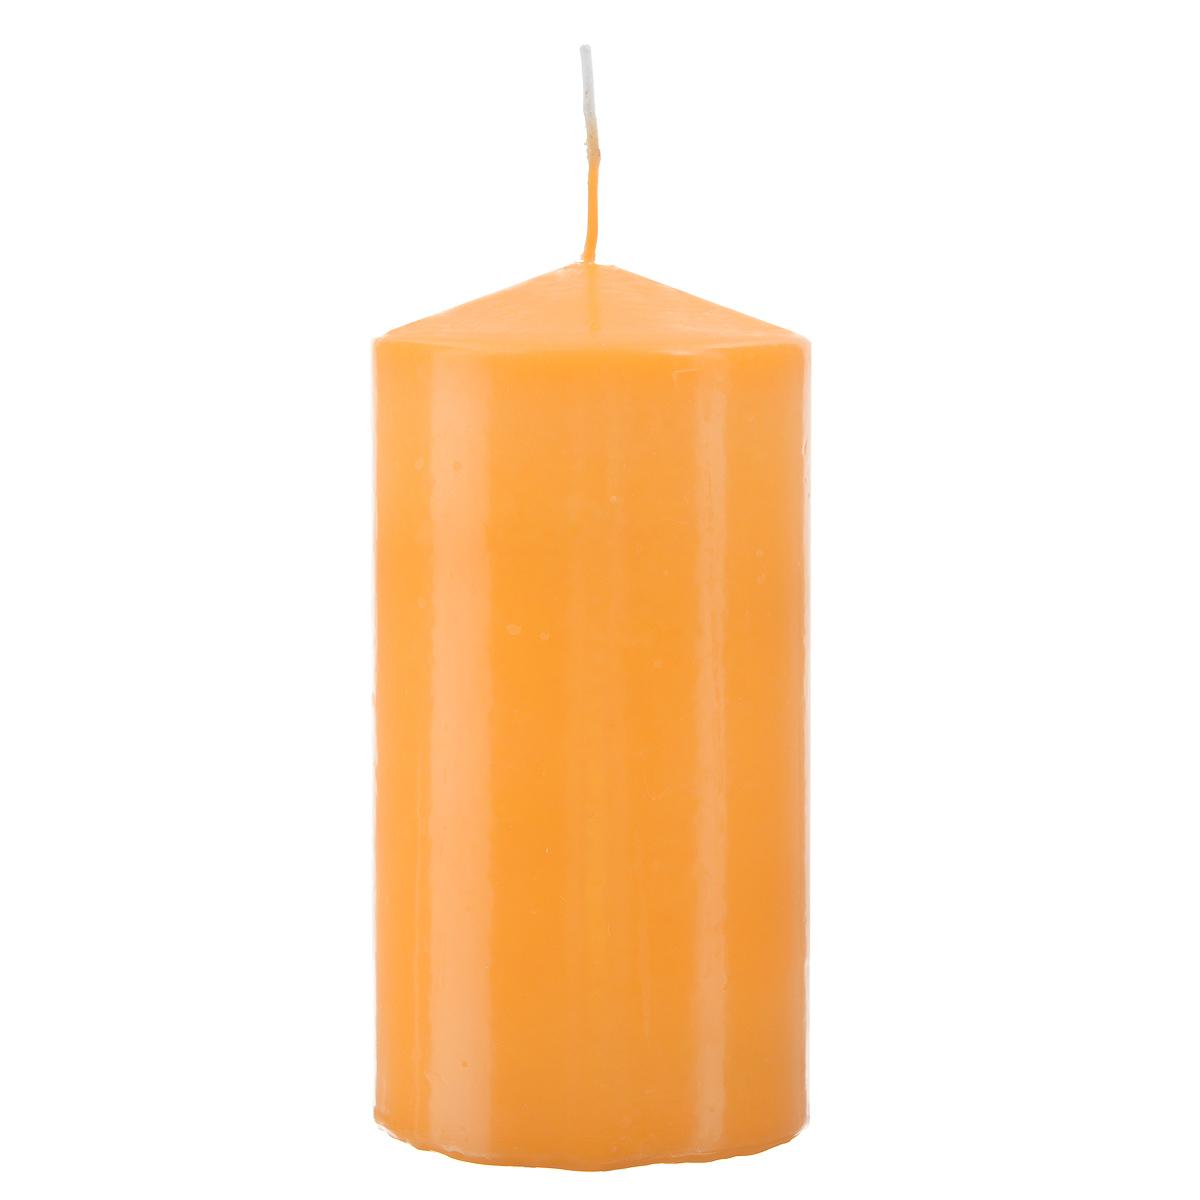 Свеча Sima-land Аромат огня, цвет: оранжевый, высота 15 см. 843215843215Свеча Sima-land Аромат огня выполнена из парафина в классическом стиле. Изделие порадует вас ярким дизайном. Такую свечу можно поставить в любое место и она станет ярким украшением интерьера. Свеча Sima-land Аромат огня создаст незабываемую атмосферу, будь то торжество, романтический вечер или будничный день.